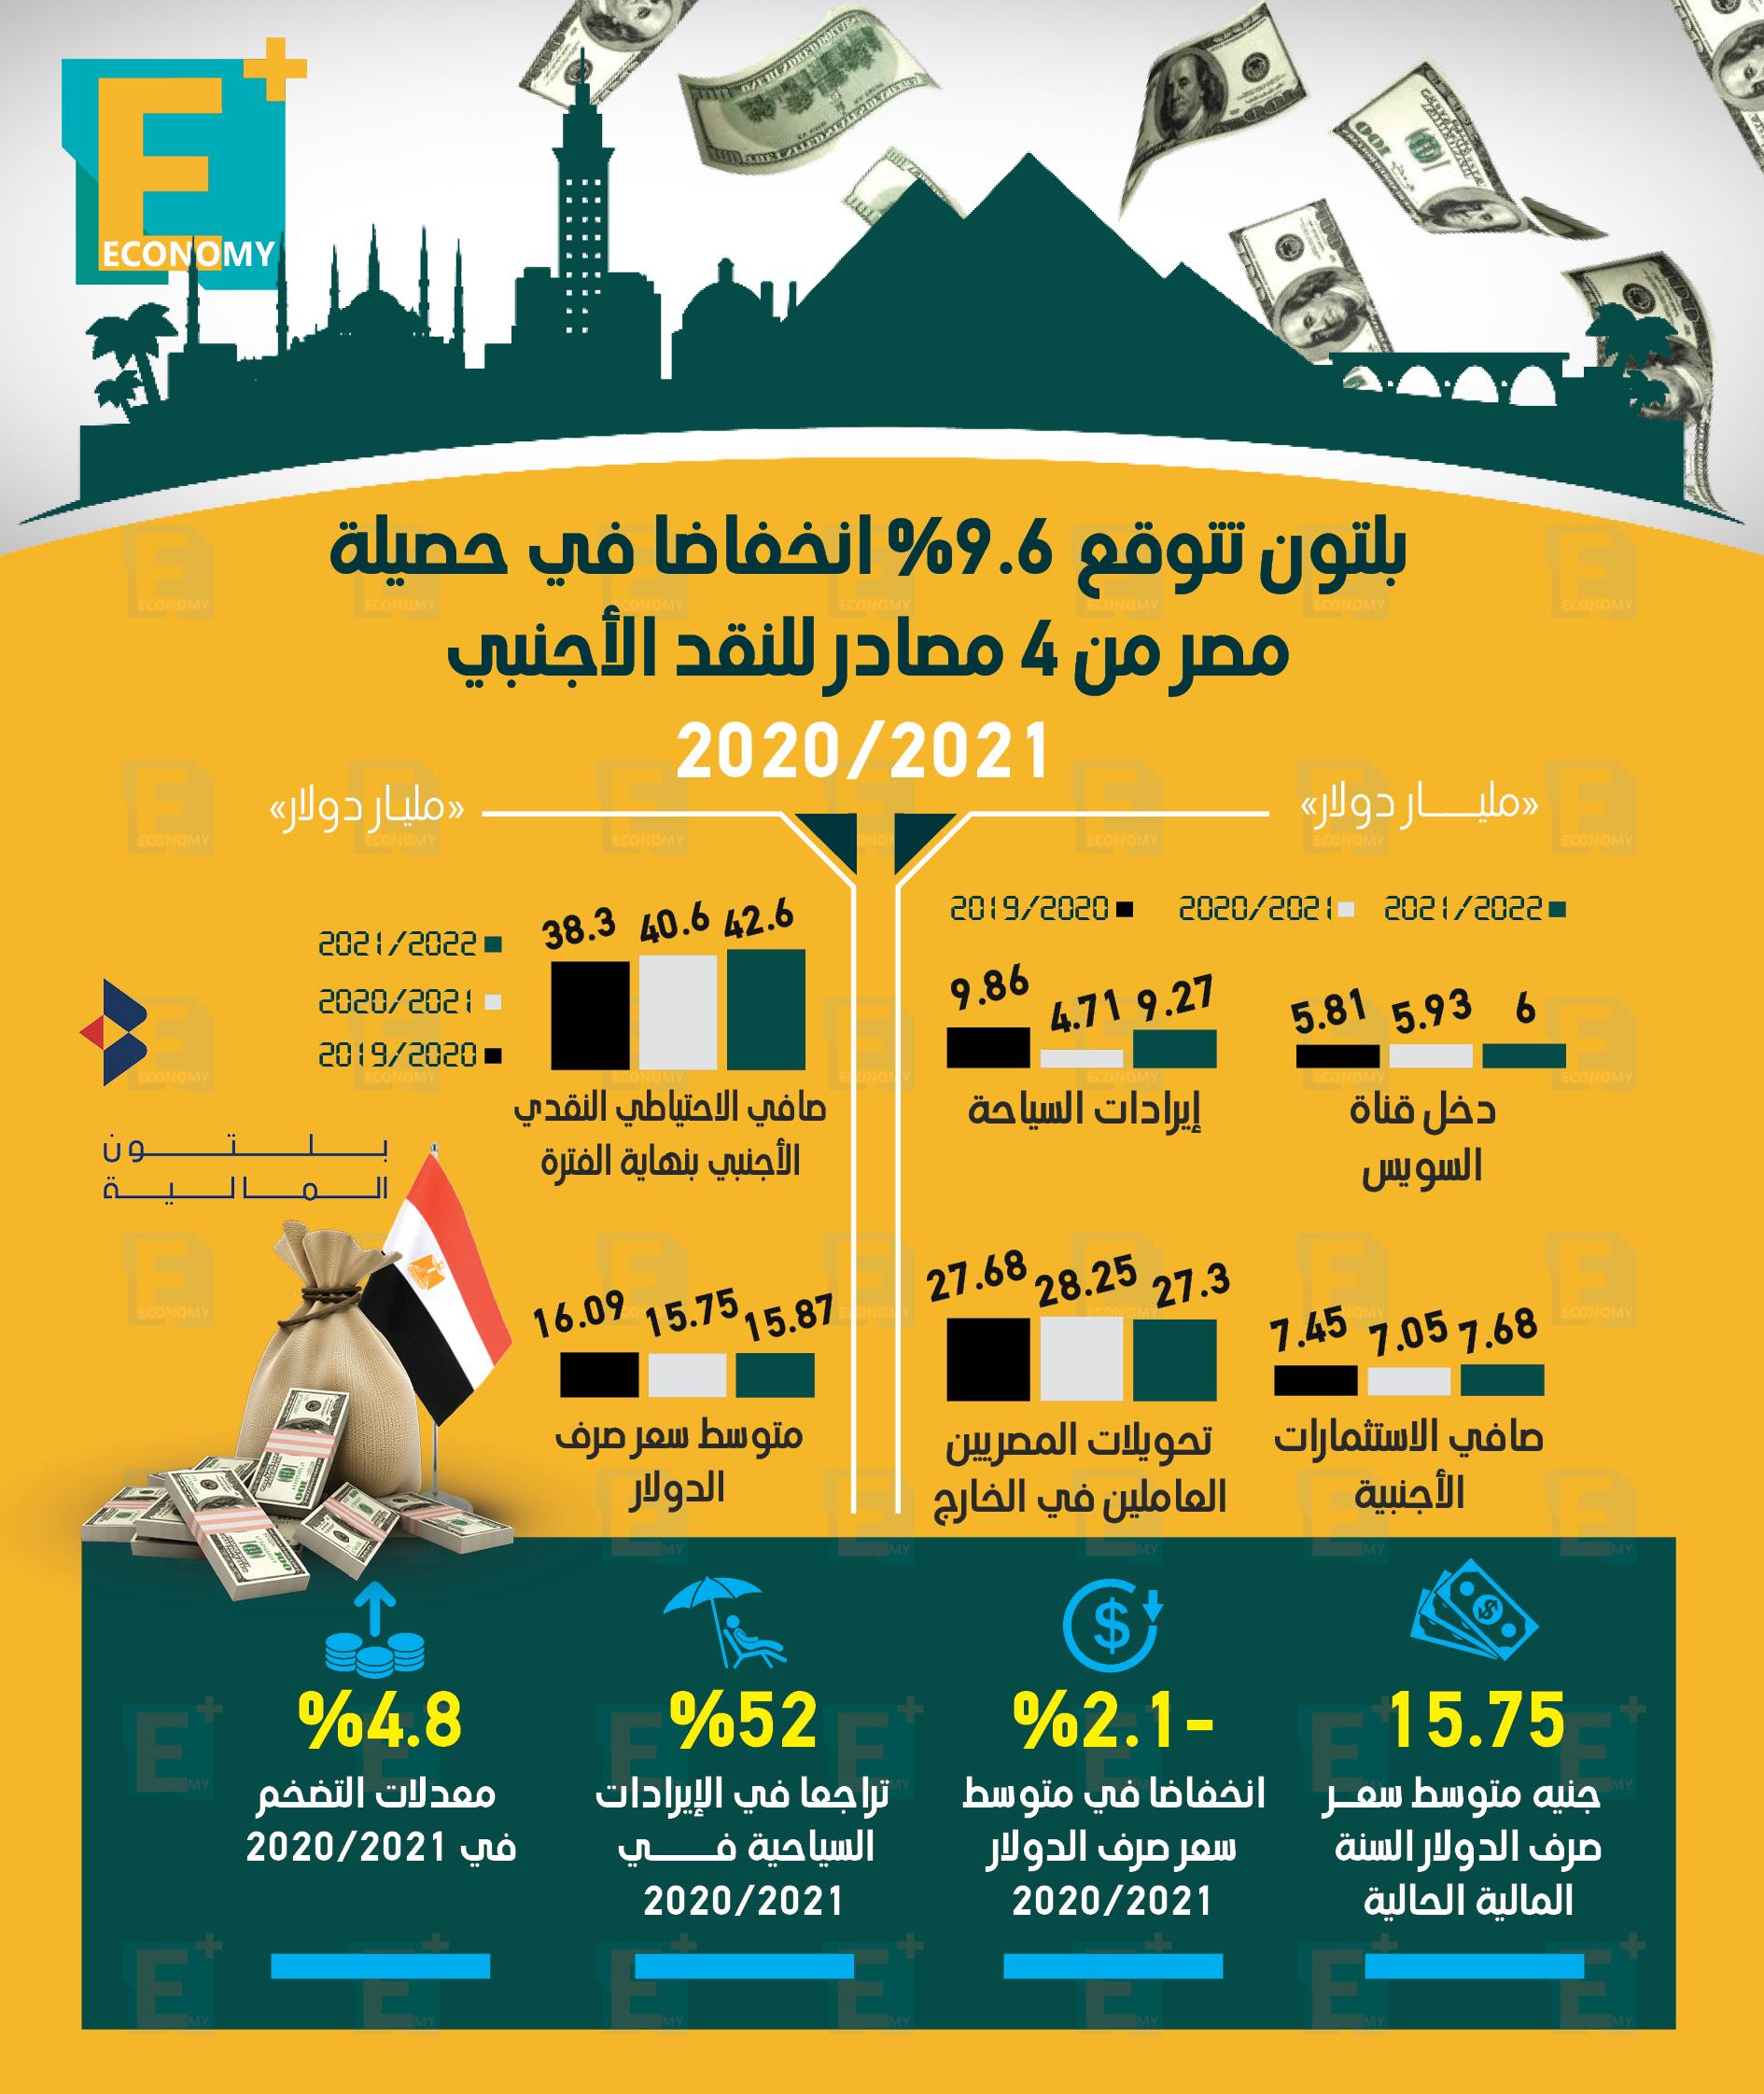 بلتون تتوقع 9.6% انخفاضًا في حصيلة مصر من 4 مصادر للنقد الأجنبي